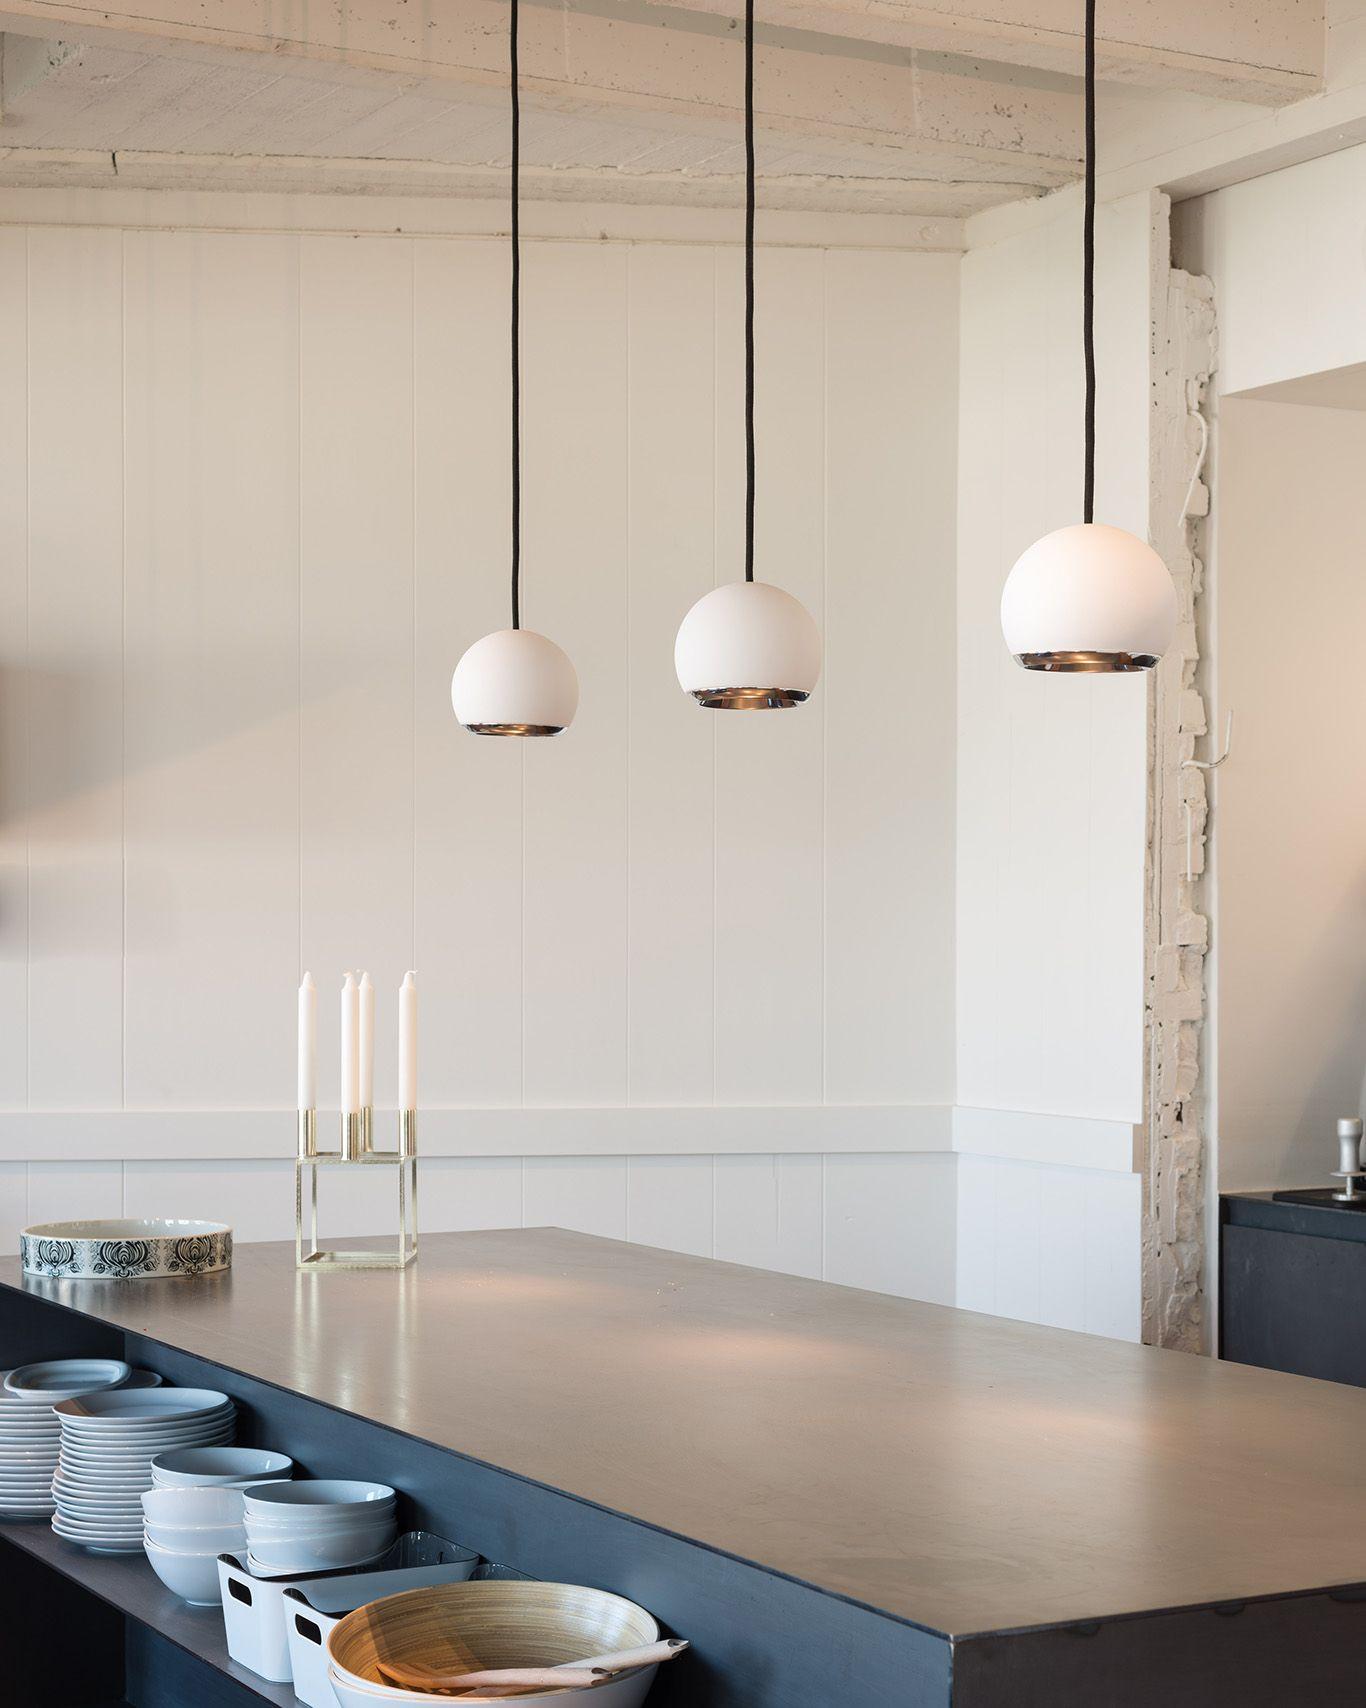 53+ Best Kitchen Lighting Design Ideas for Your Chic Kitchen [+ ...